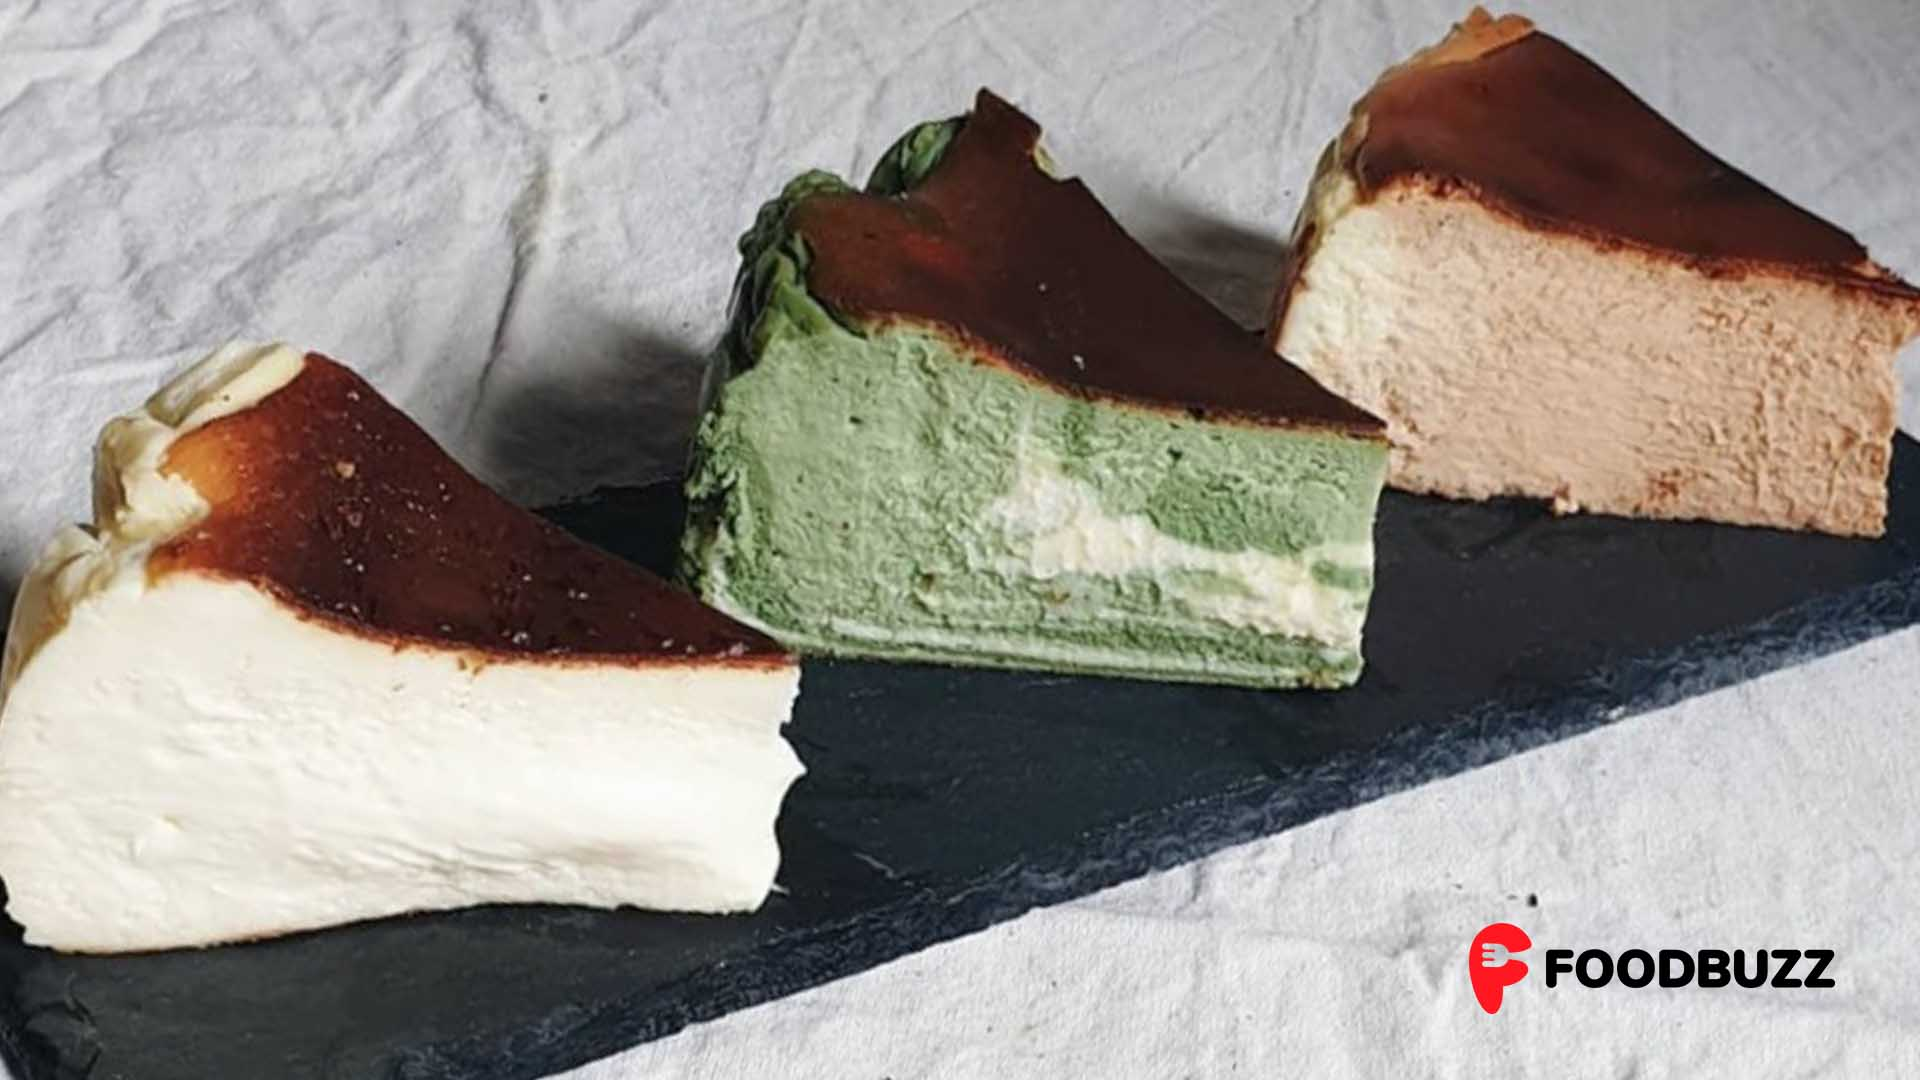 ហាងនំ dOT : បង្កើតឡើងសម្រាប់អ្នកចូលចិត្តនំ Cheesecake